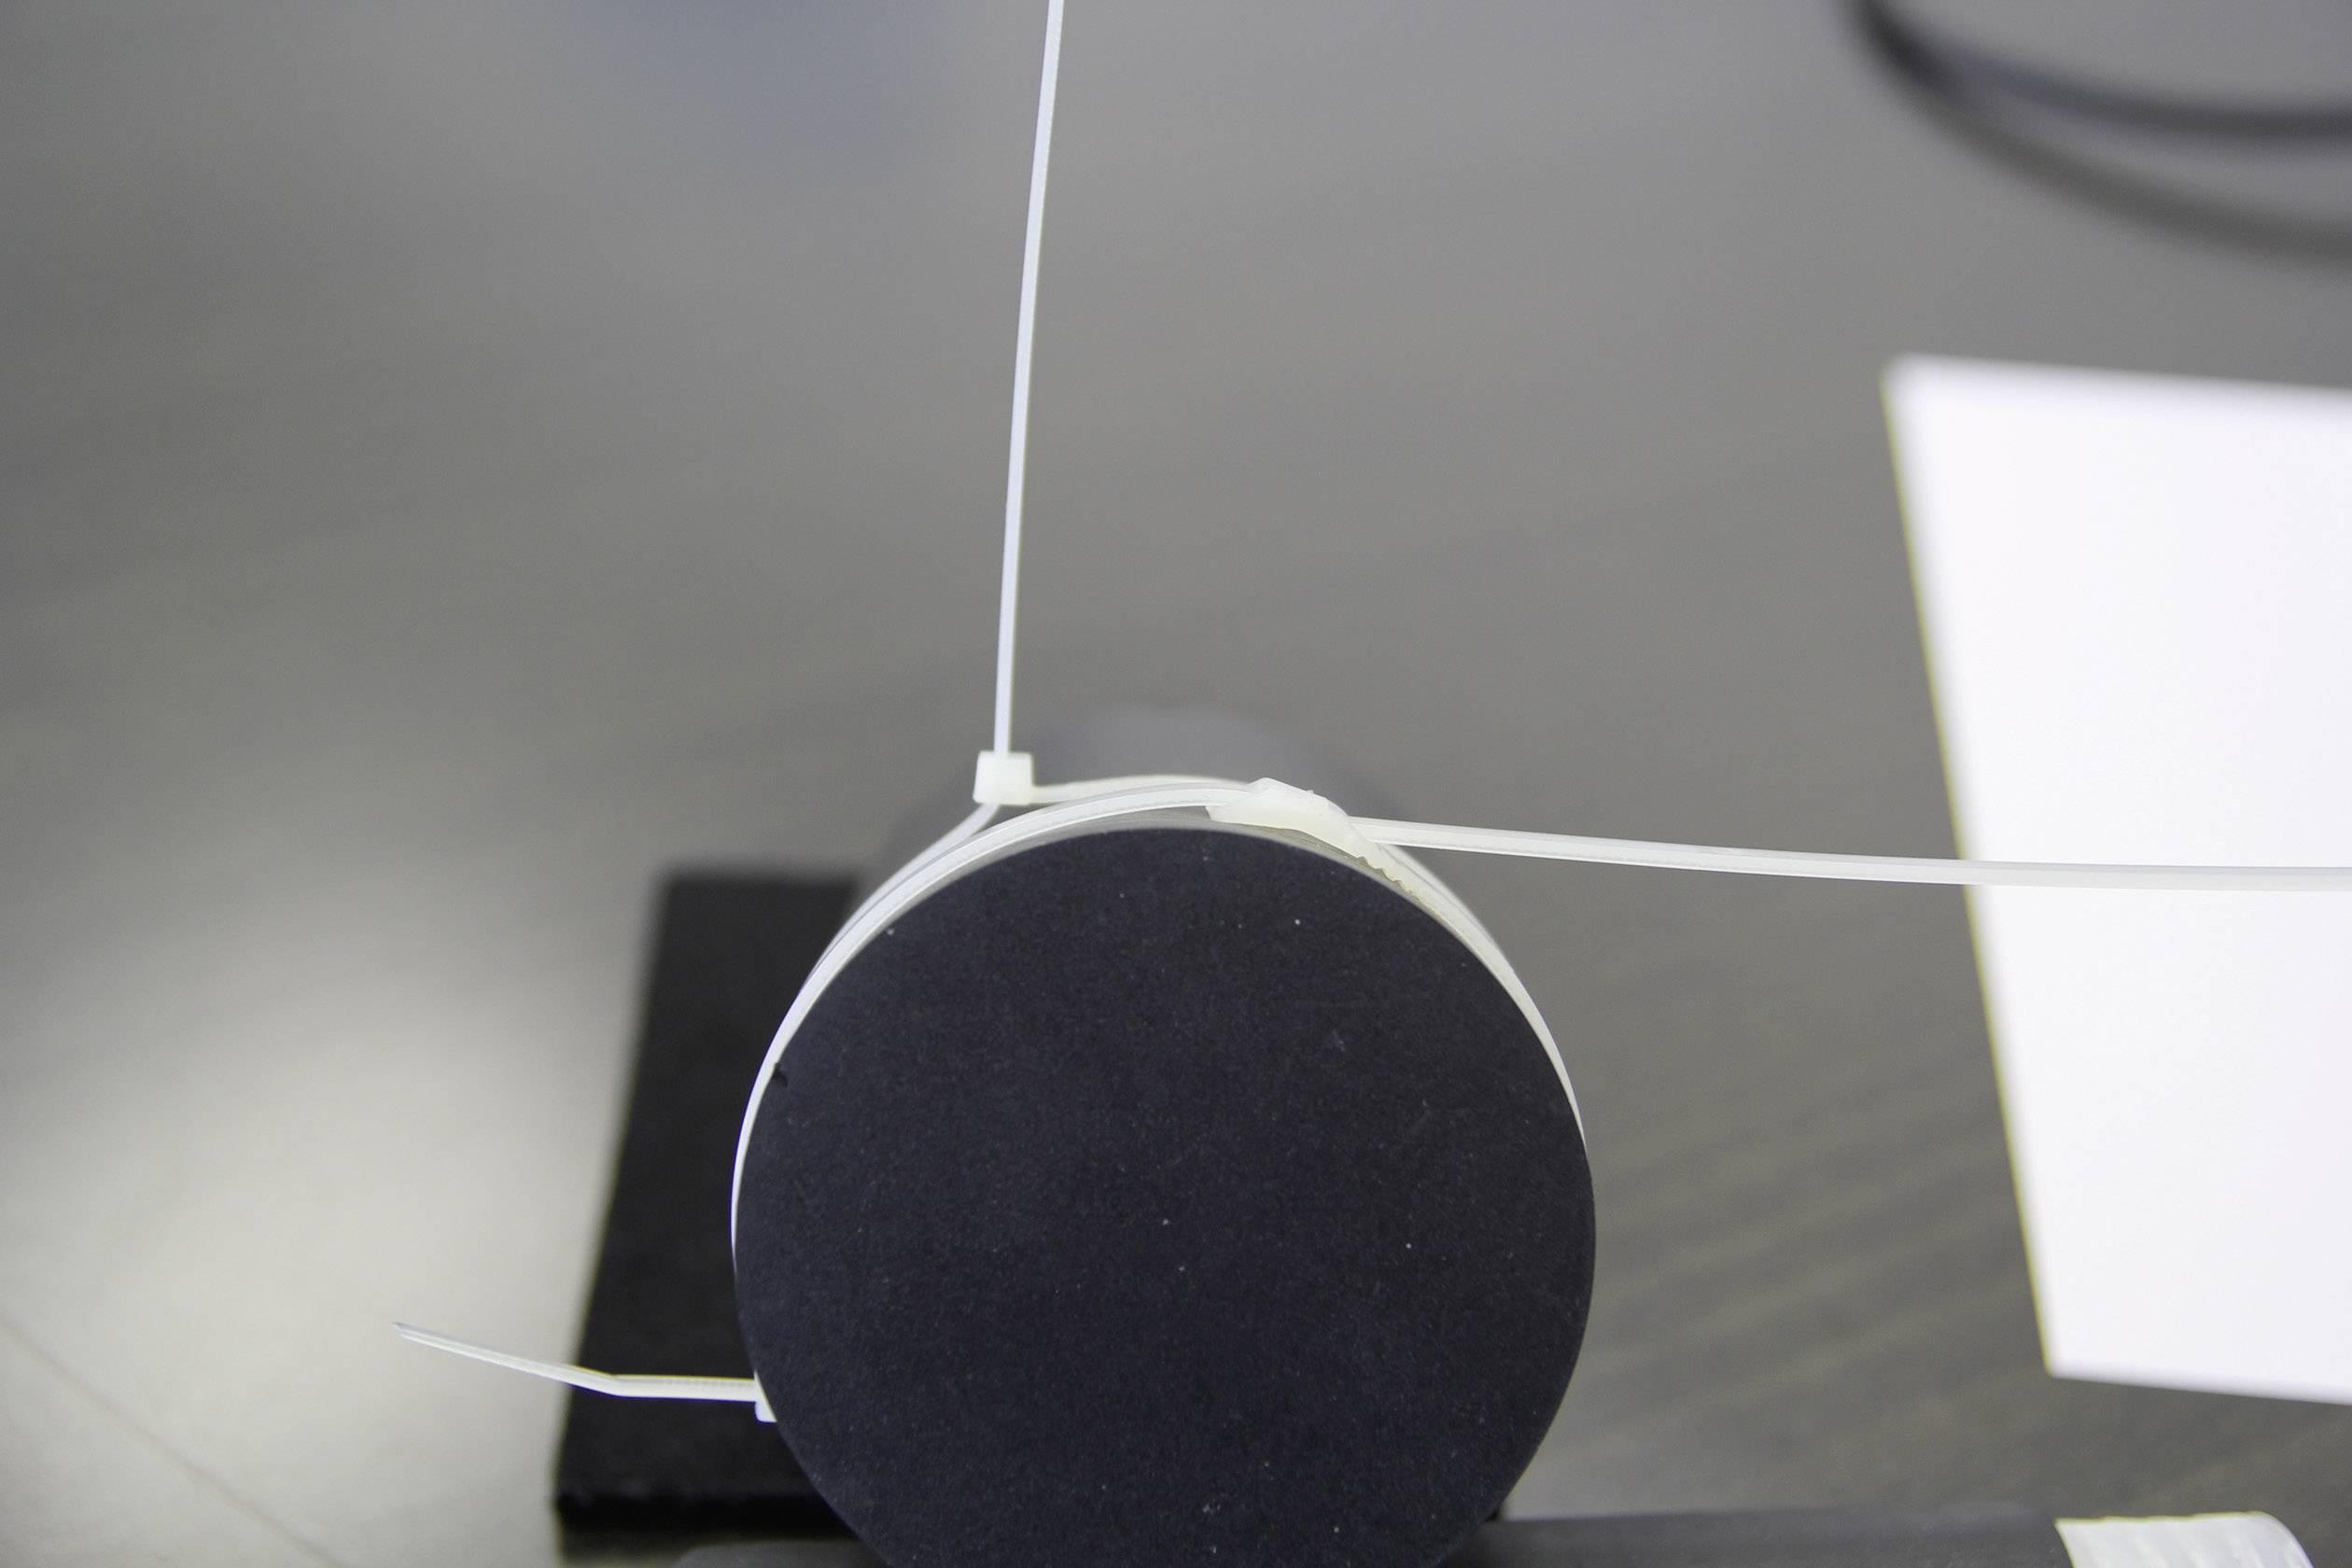 Kabelska vezica s ploščatim profilom (D x Š) 287 mm x 4.5 mm naravna barva, 25 St. PB Fastener